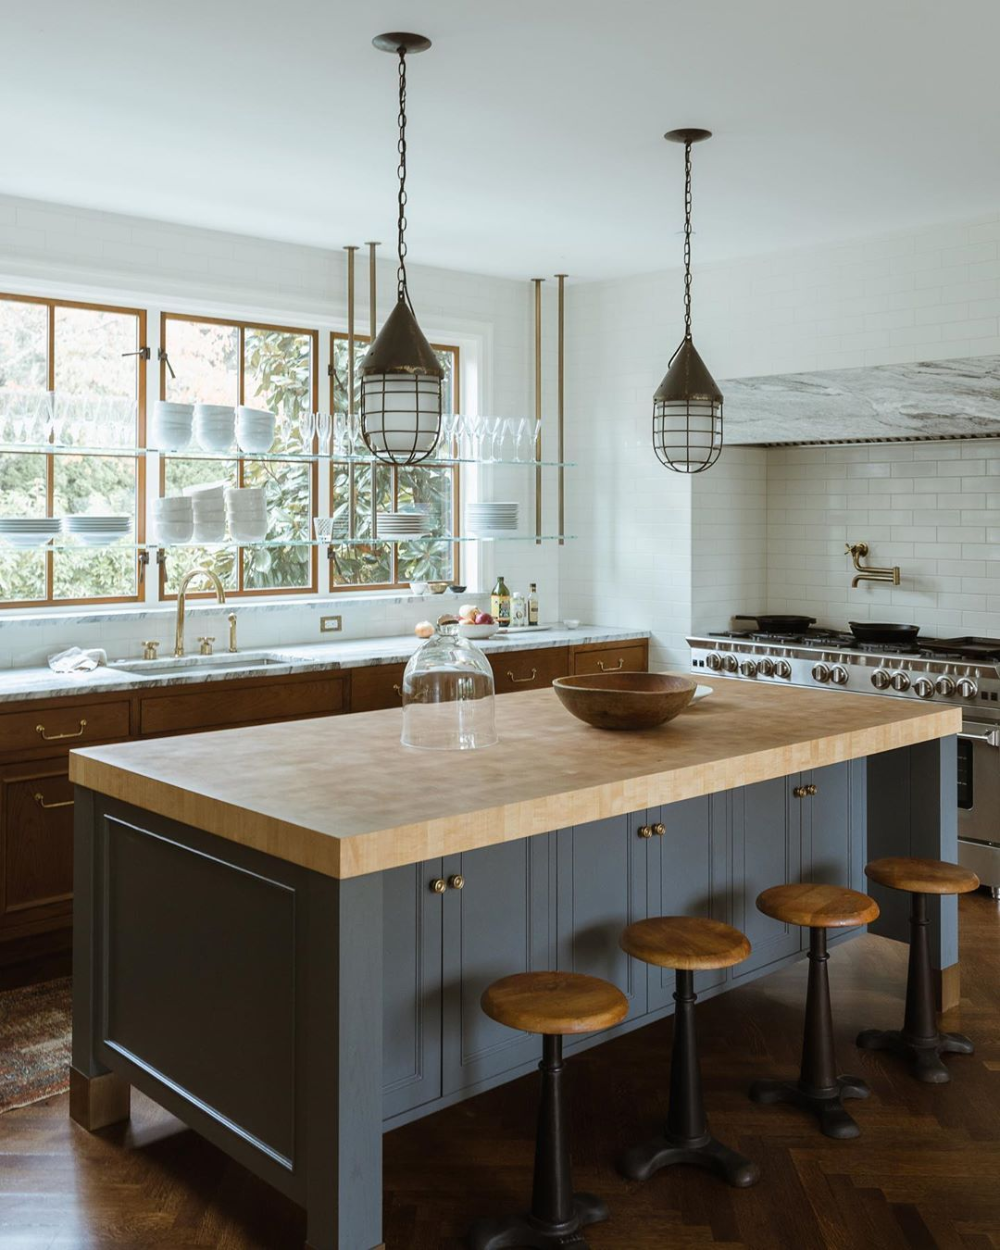 Katie Hackworth in 2020 Kitchen inspirations, Kitchen